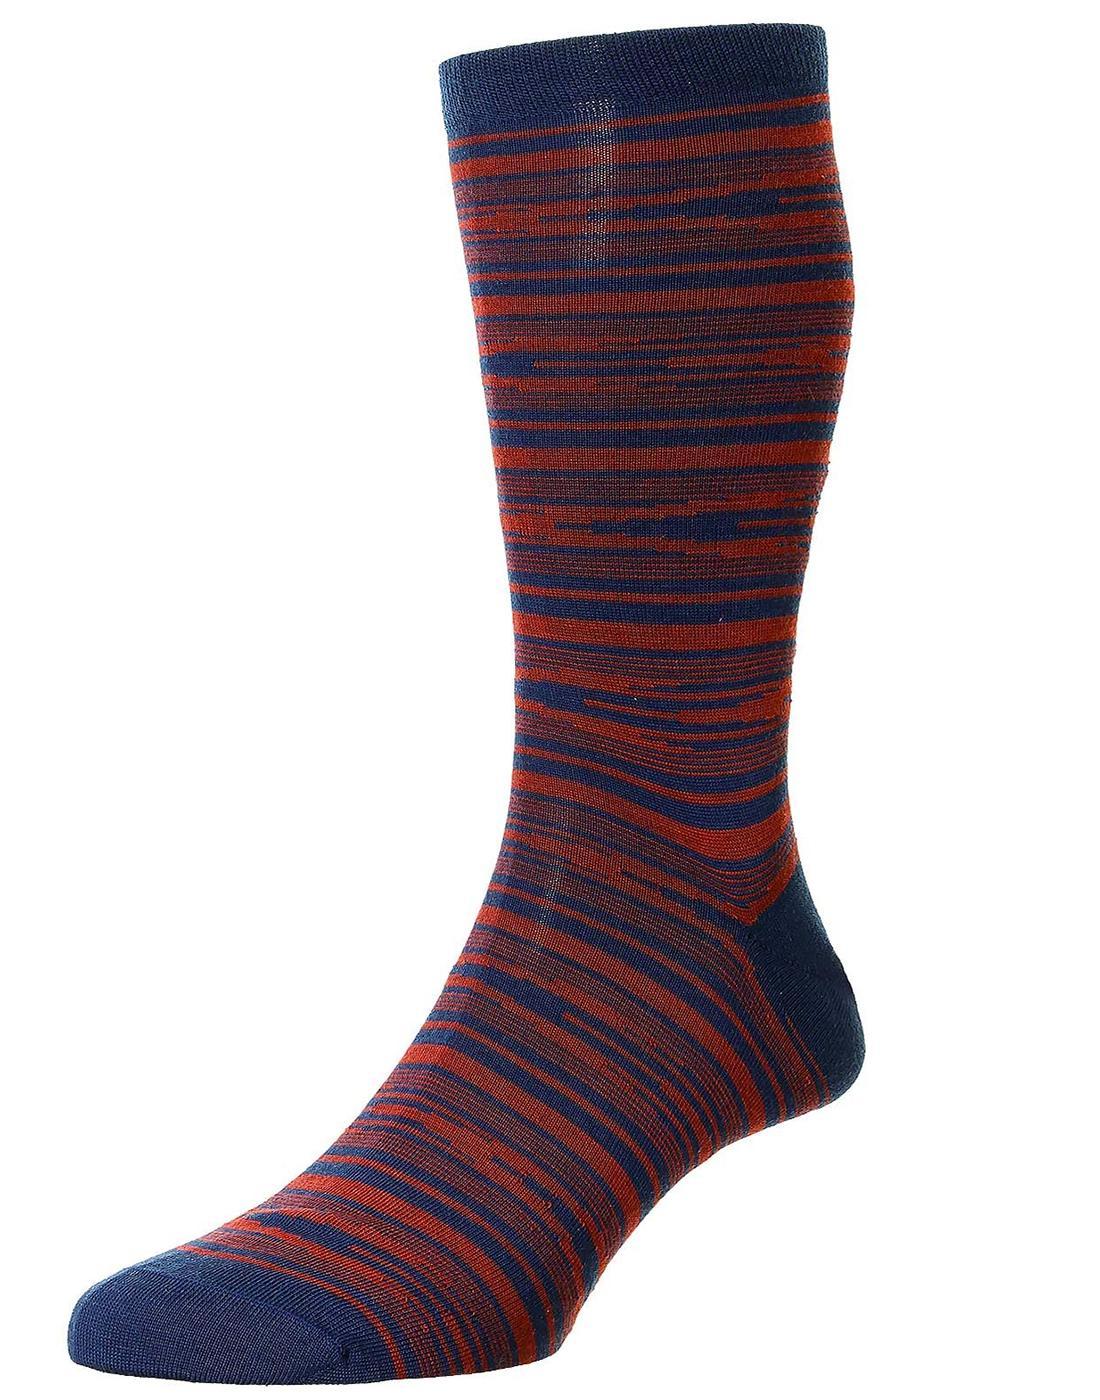 + Cremer PANTHERELLA Scrambled Stripe Merino Socks